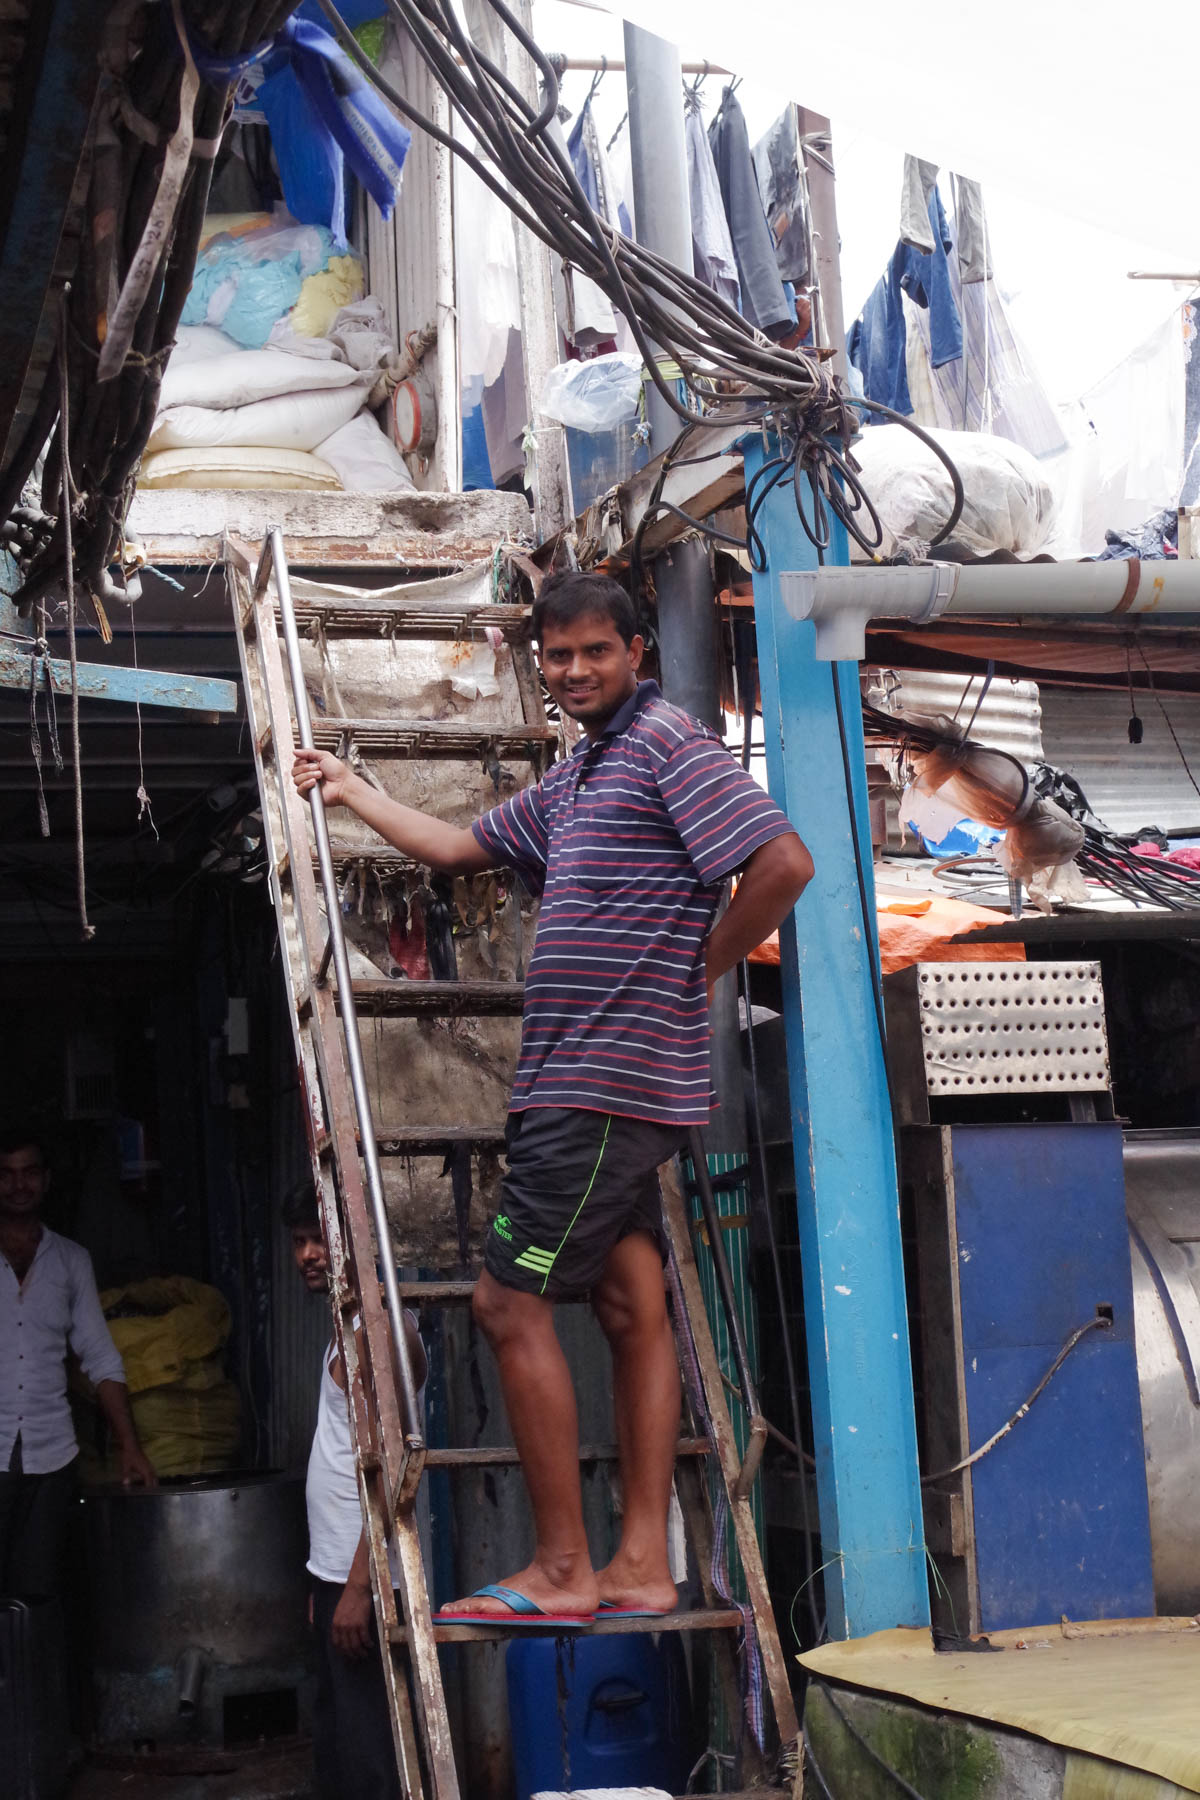 ムンバイ 巨大洗濯工場 ドービーガート 2階建て